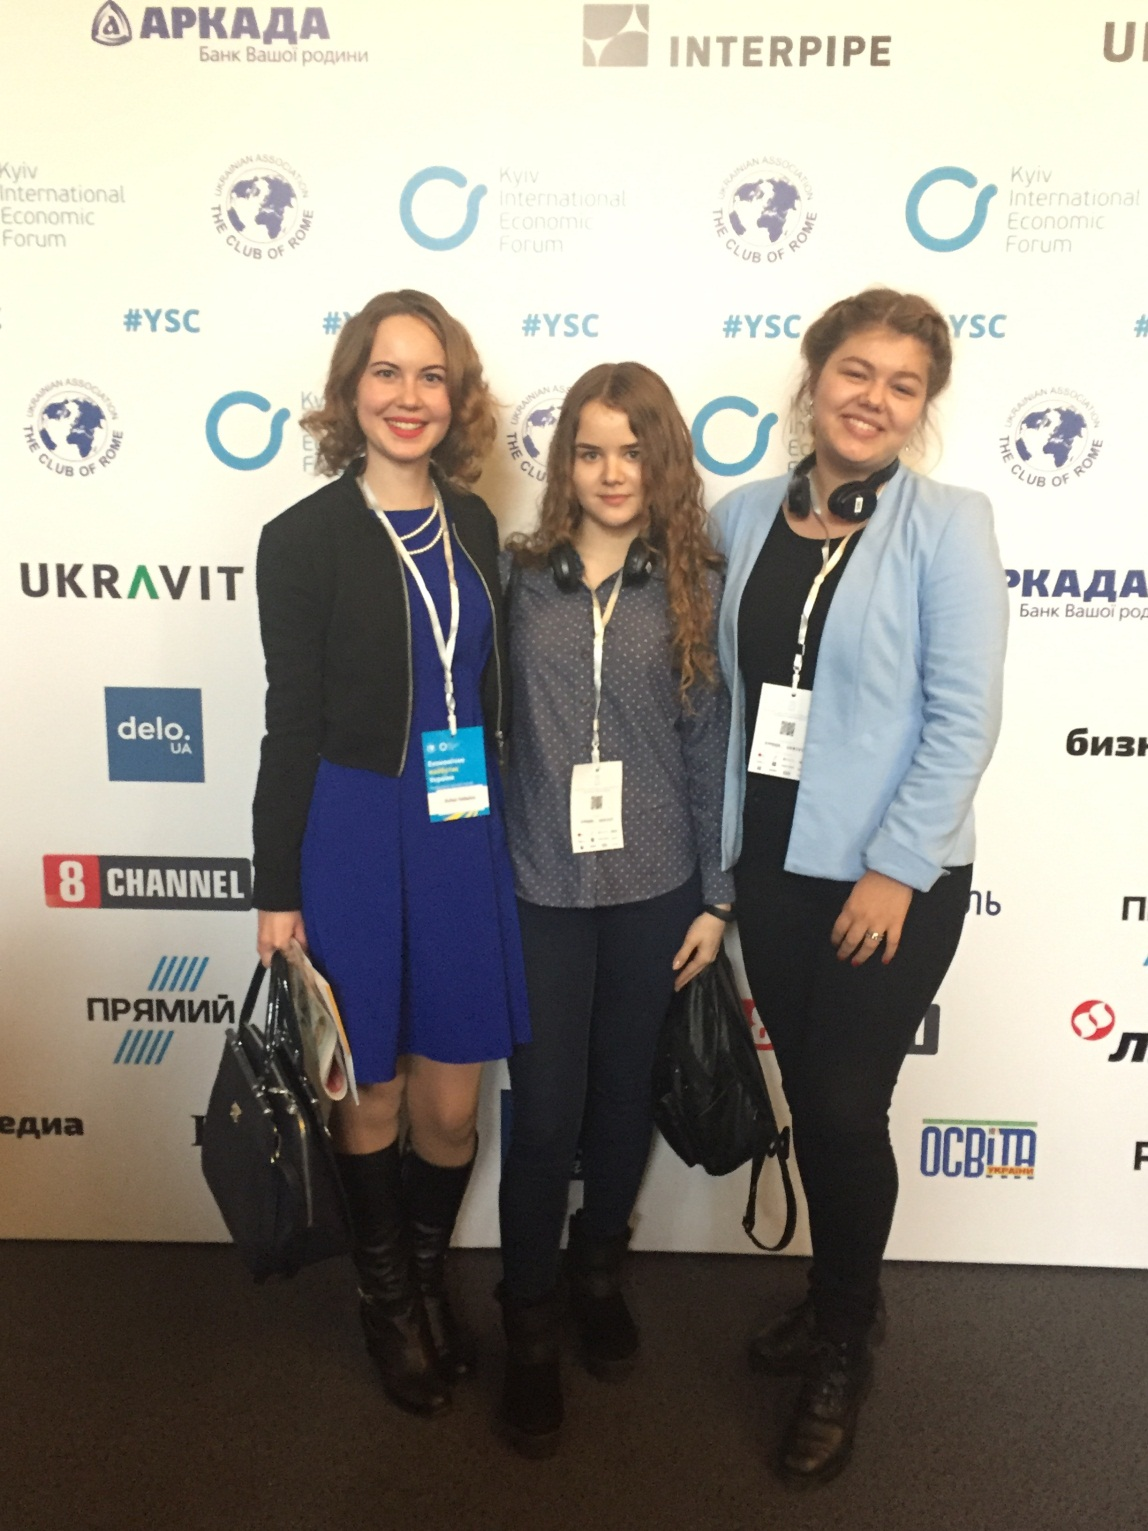 Студенти ПолтНТУ взяли участь у Міжнародній конференції наукової молоді «Економічне майбутнє України»